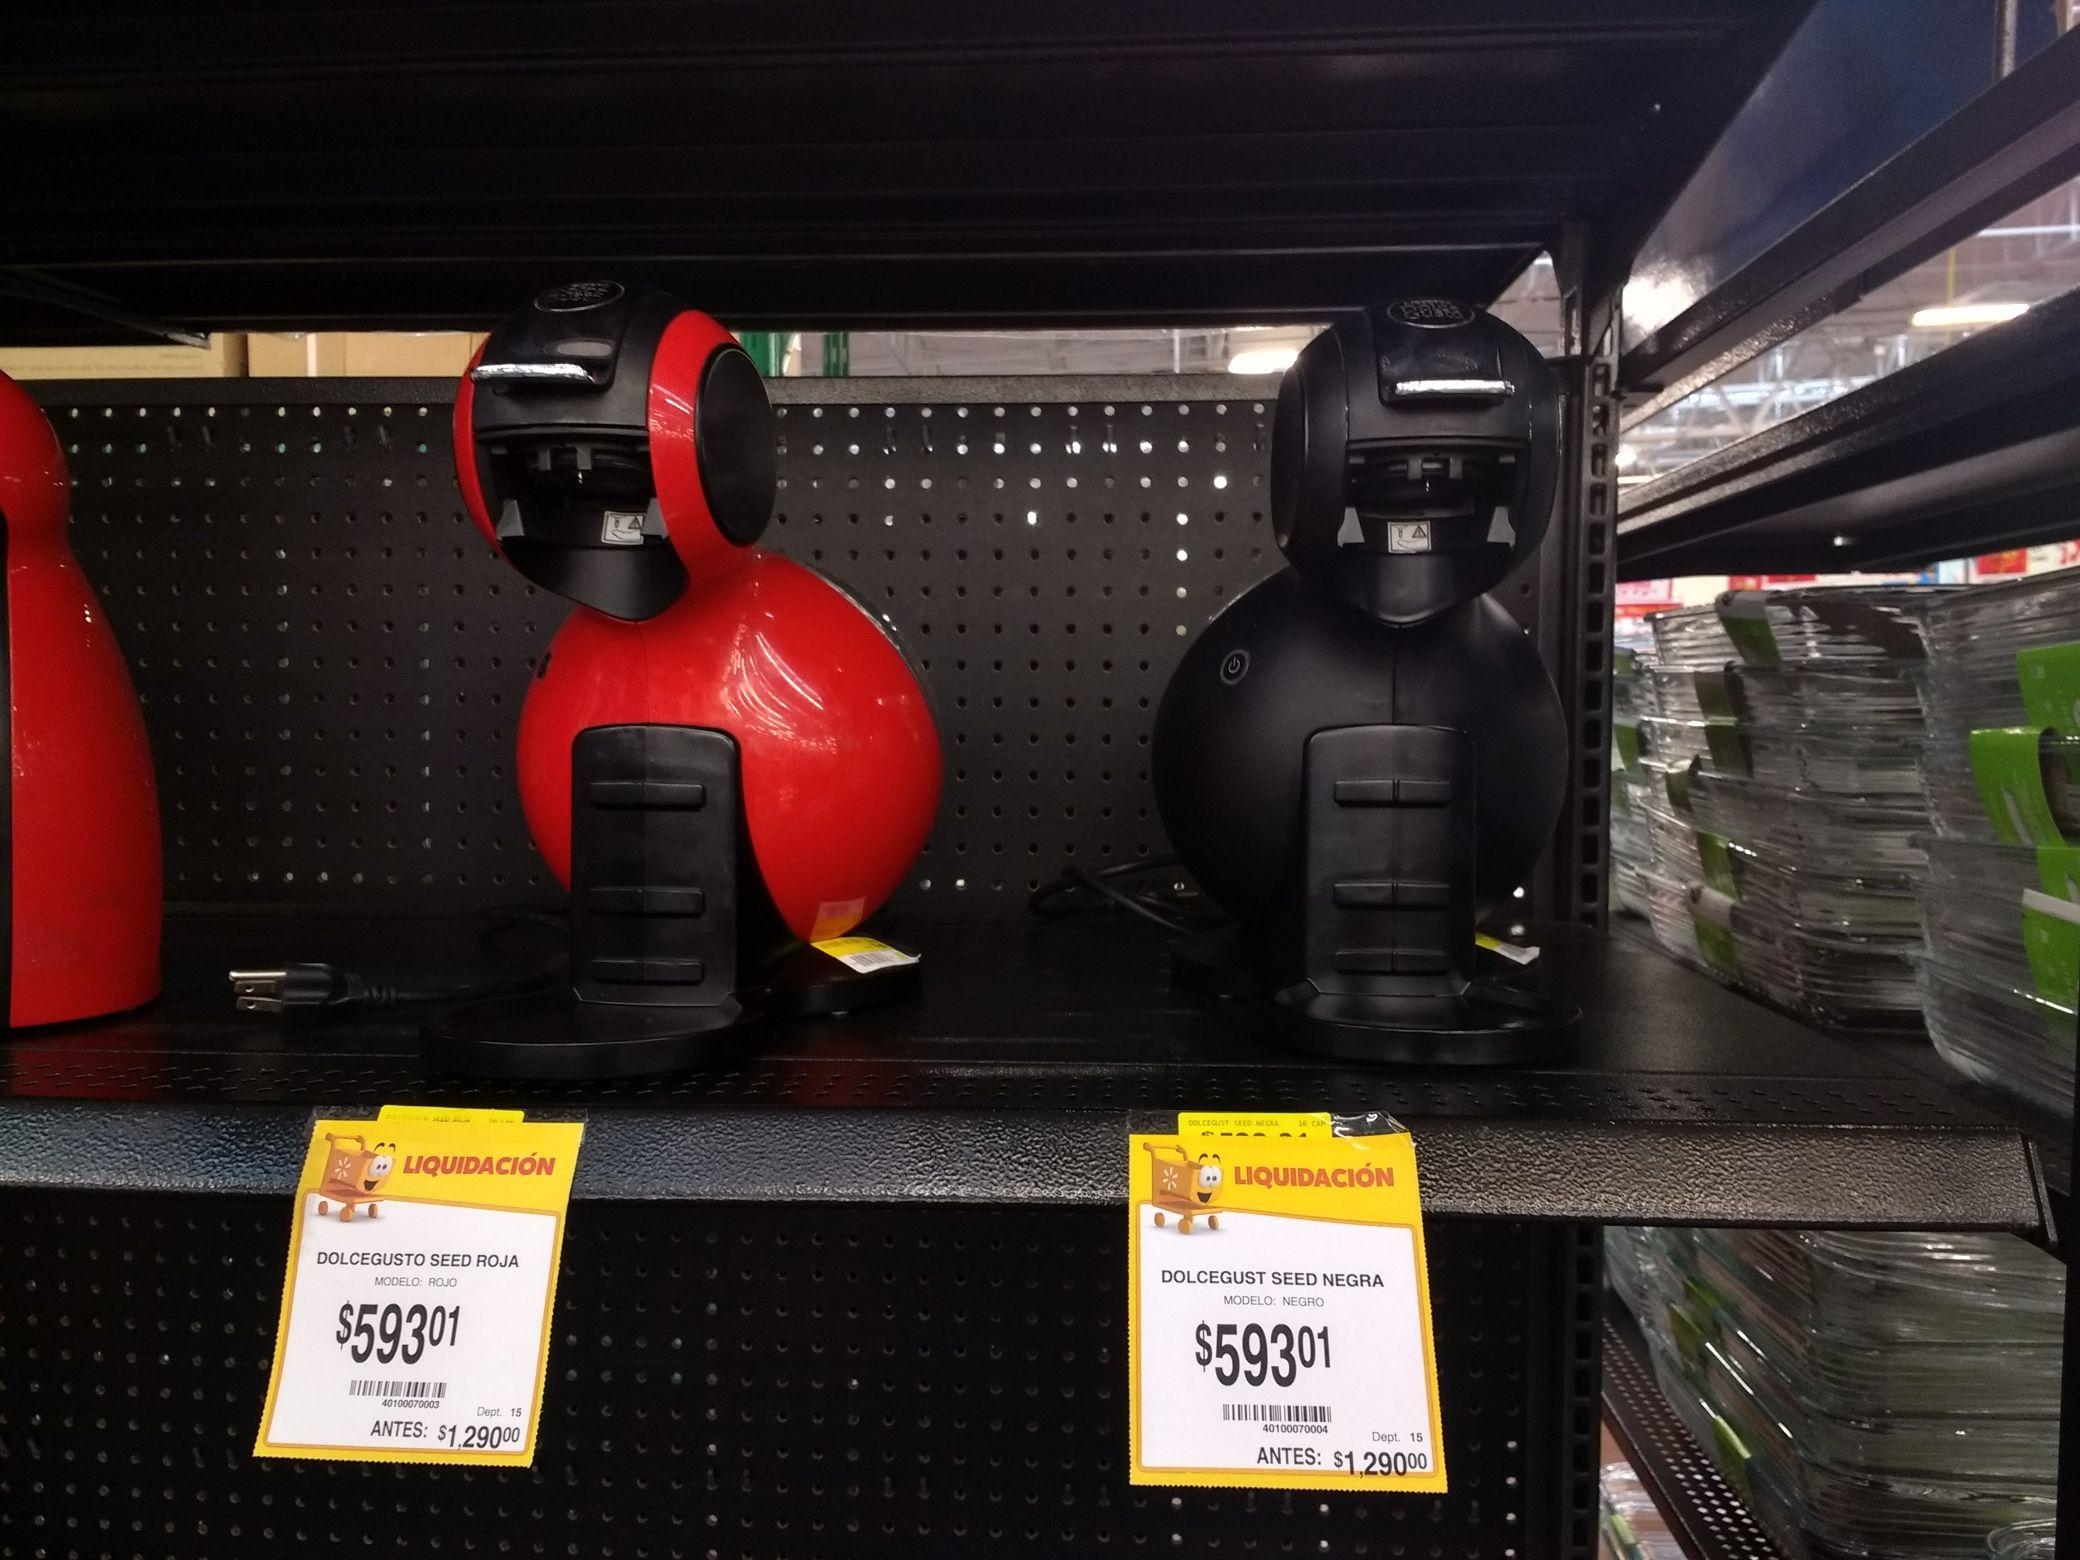 Walmart Town NR Máquina para café Dolce Gusto de $1290 a $593